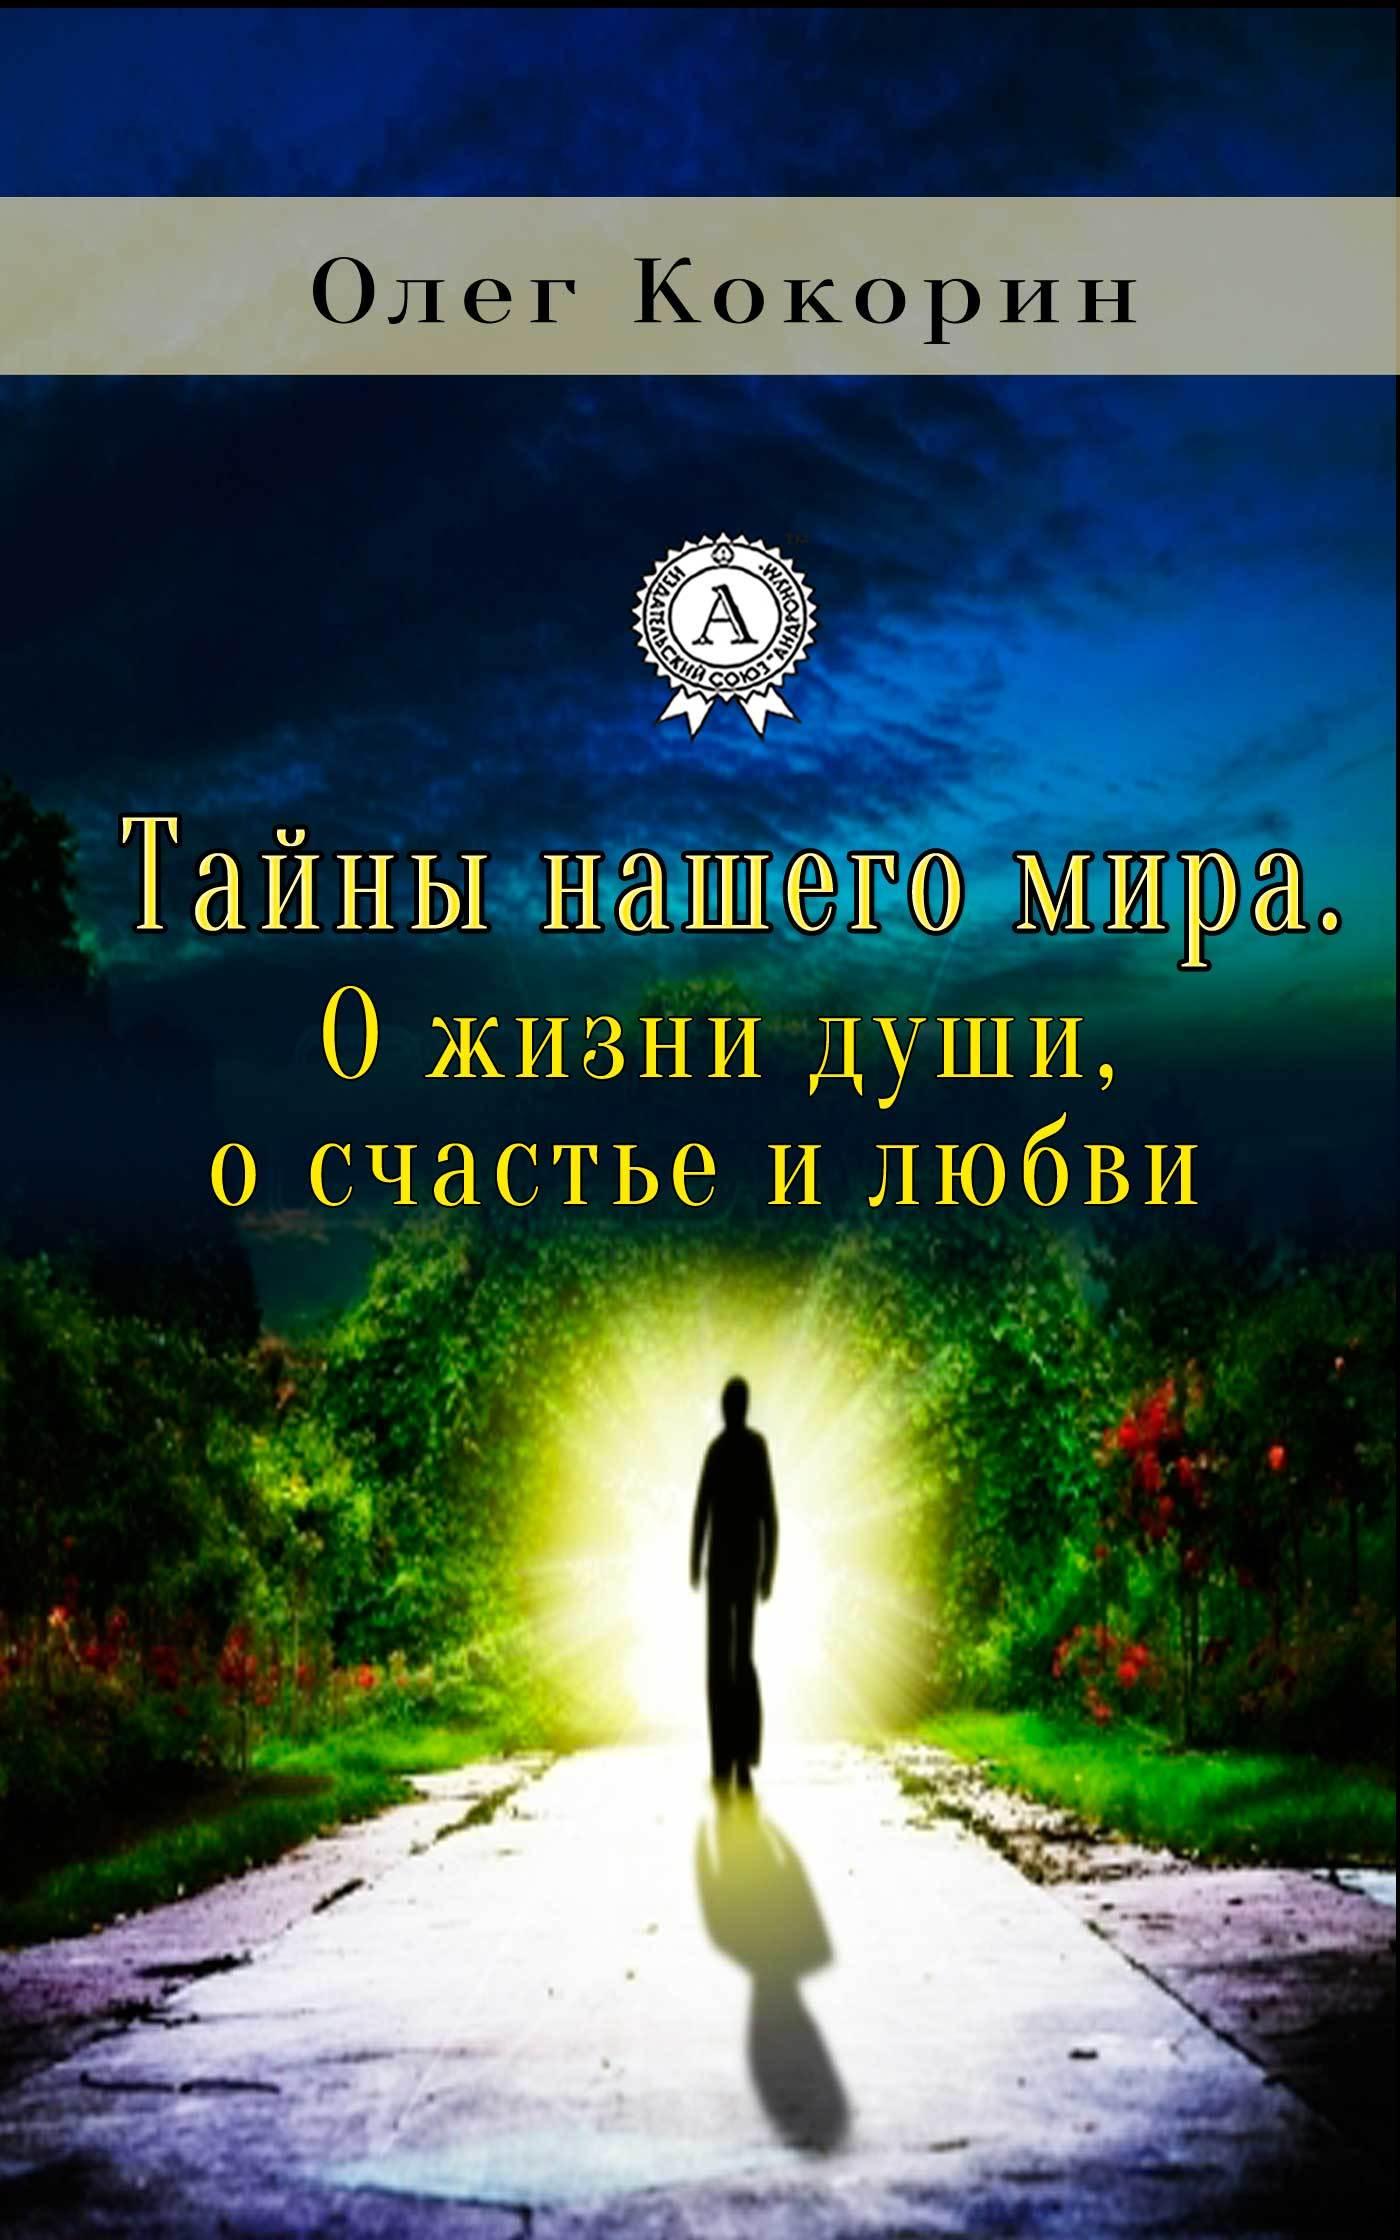 Тайны нашего мира. О жизни души, о счастье и любви